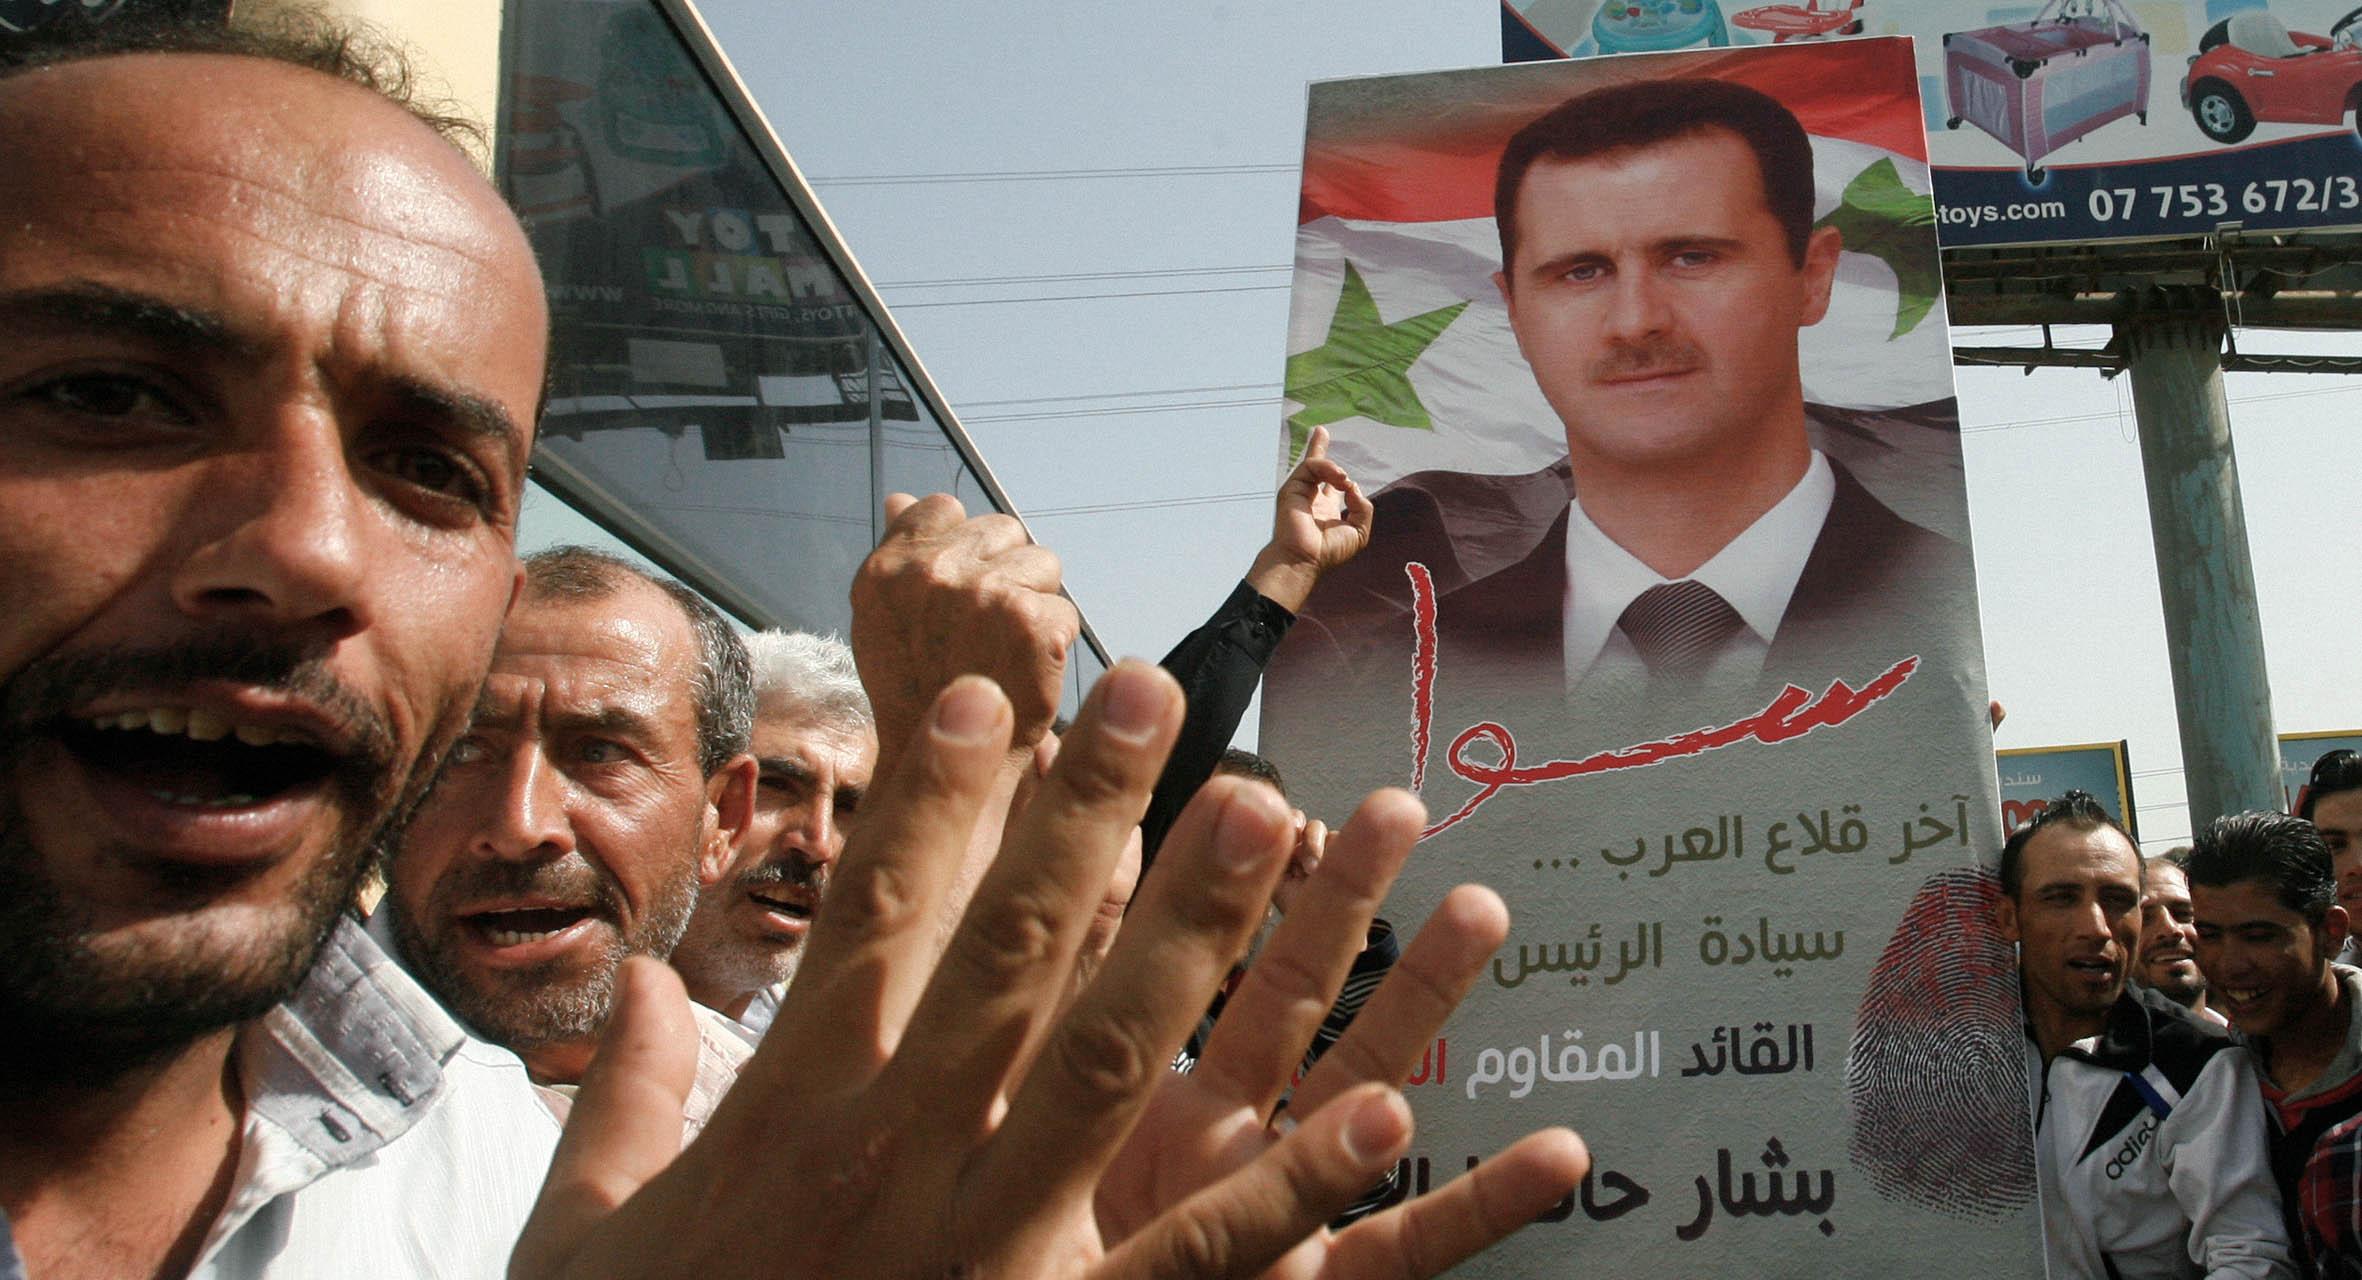 صورة الأسد يباشر حملة فوزه في الانتخابات المقبلة